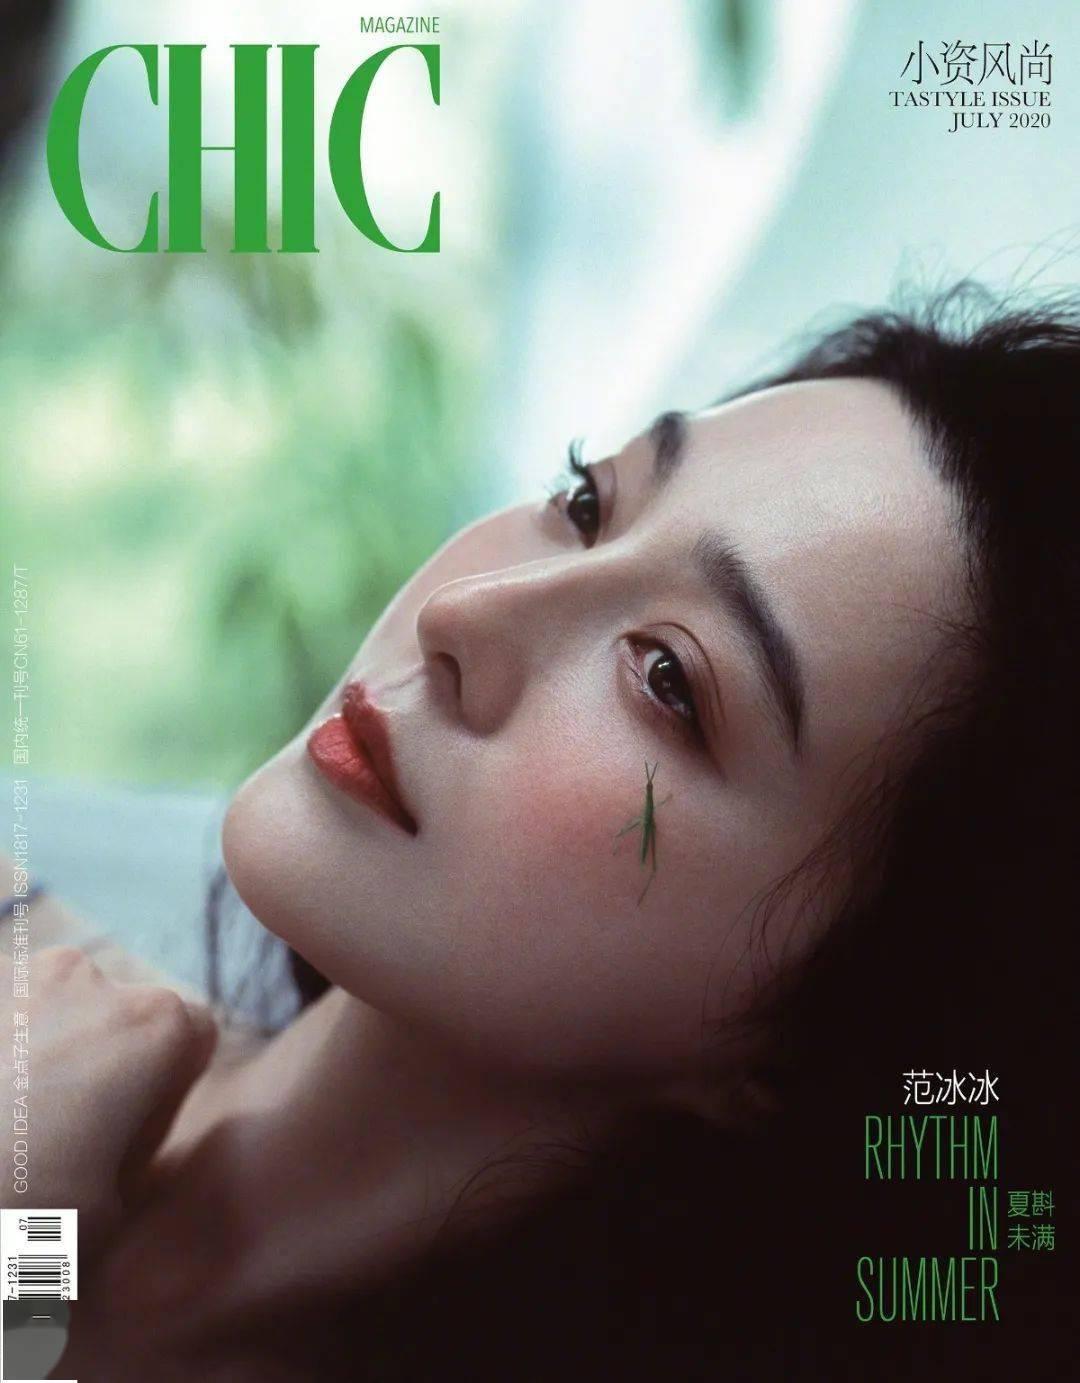 范冰冰 CHIC Magazine 7月刊